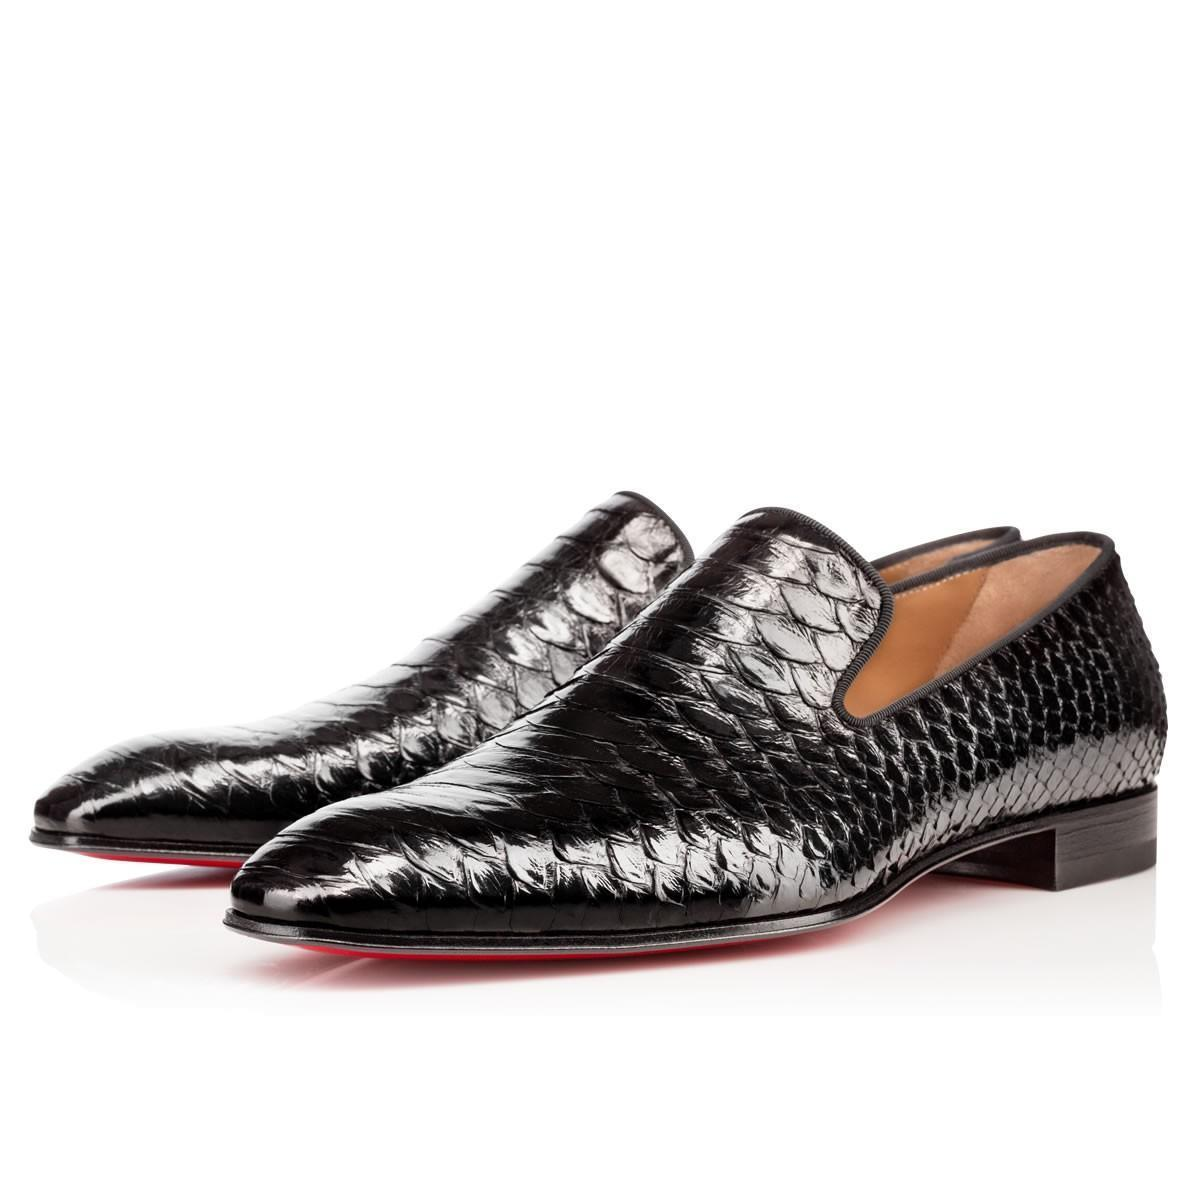 Brandr красные нижние бездельники роскошную вечеринку свадебные дизайнер обуви черная лакированная кожа замша платье обувь мужская скольжения на квартиры С8 С04